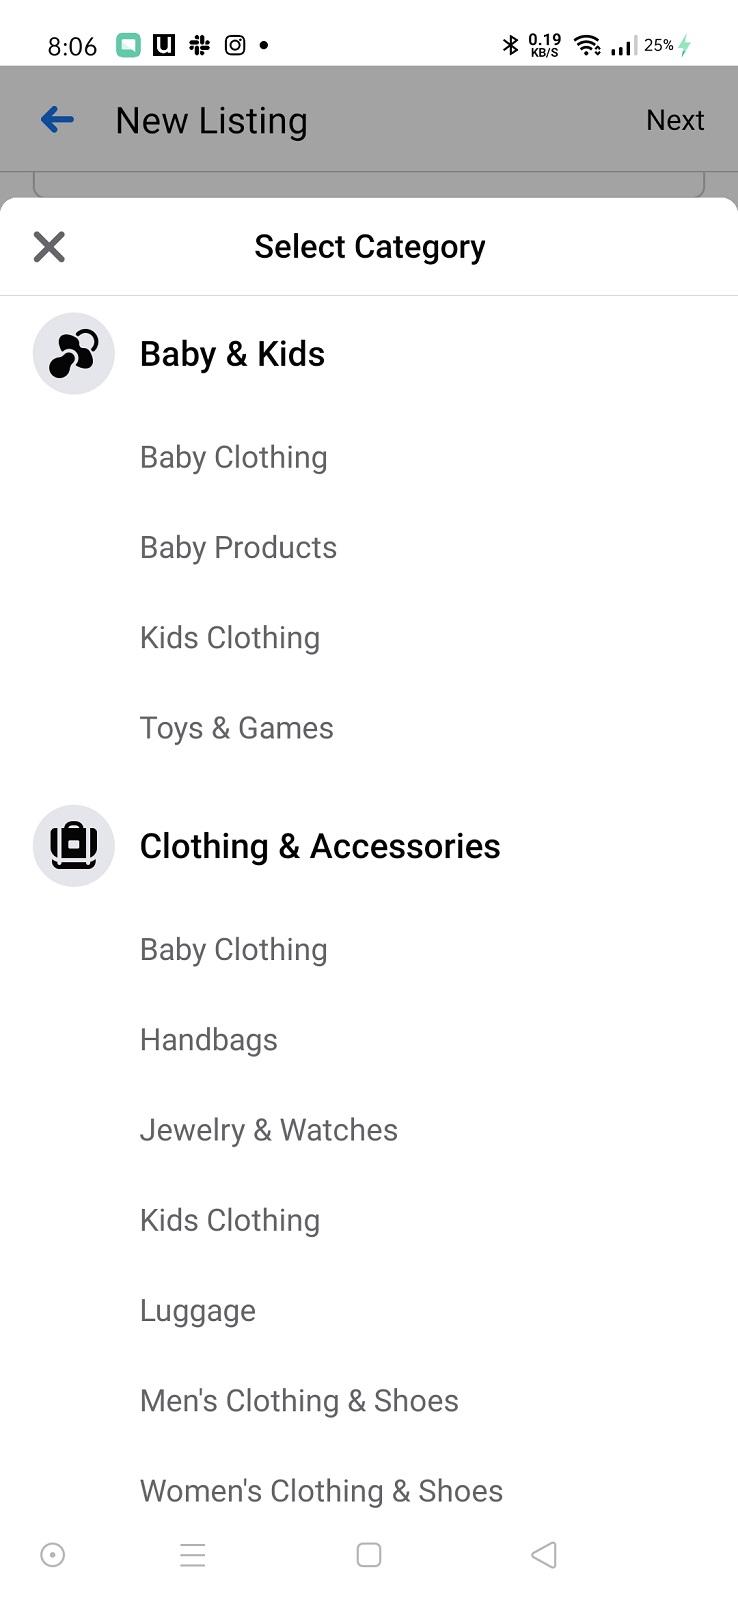 قم بإختيار فئة المنتج الذي تعرضه.